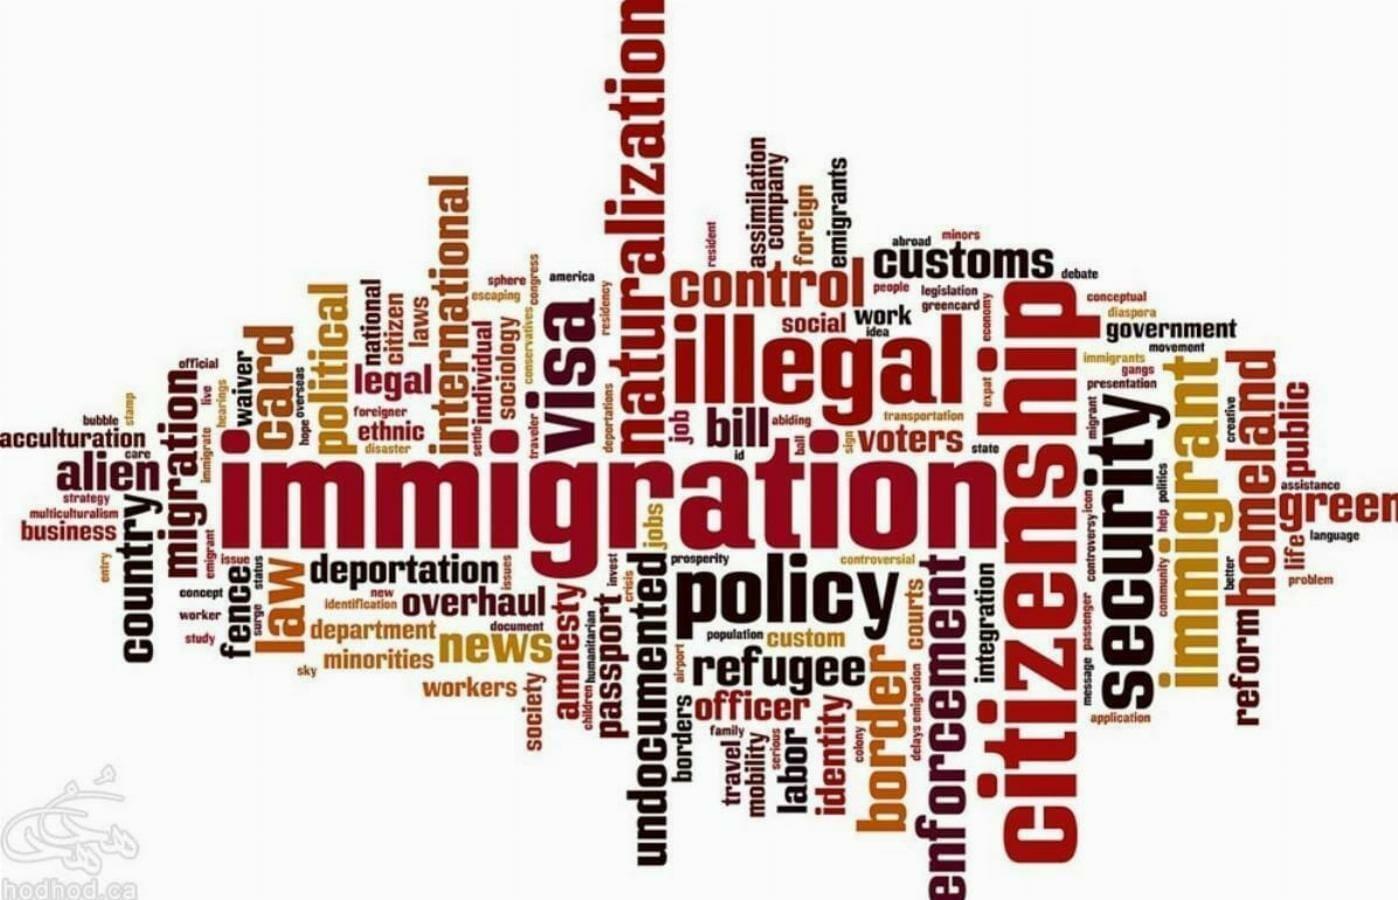 مهاجرت، چالشی برای فرد، خانواده و اجتماع (بخش چهارم)